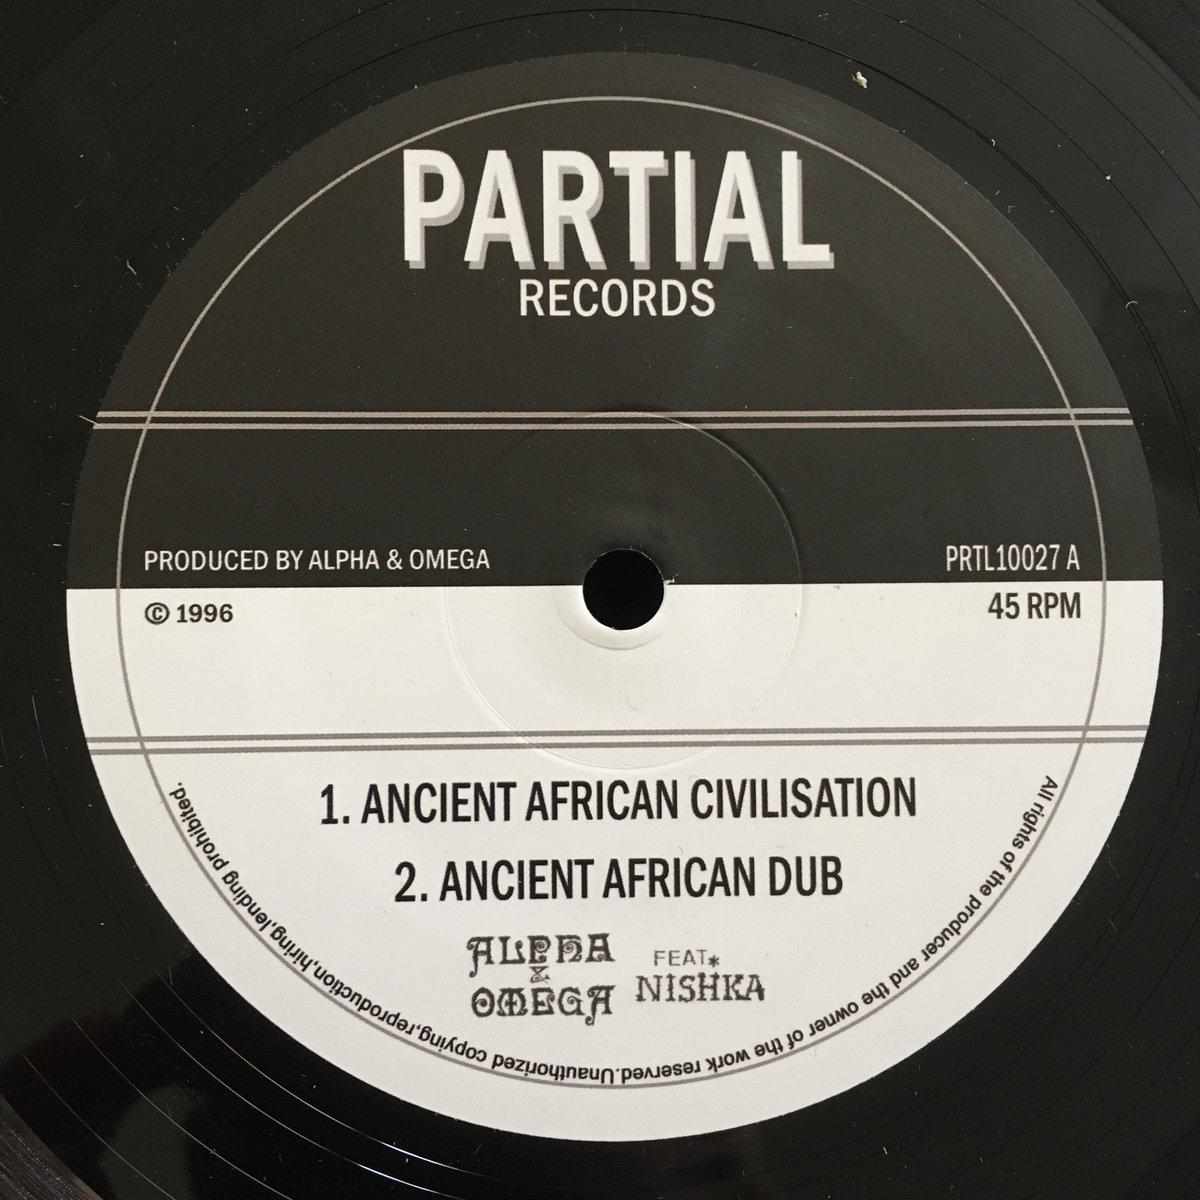 Ancient African Civilisation